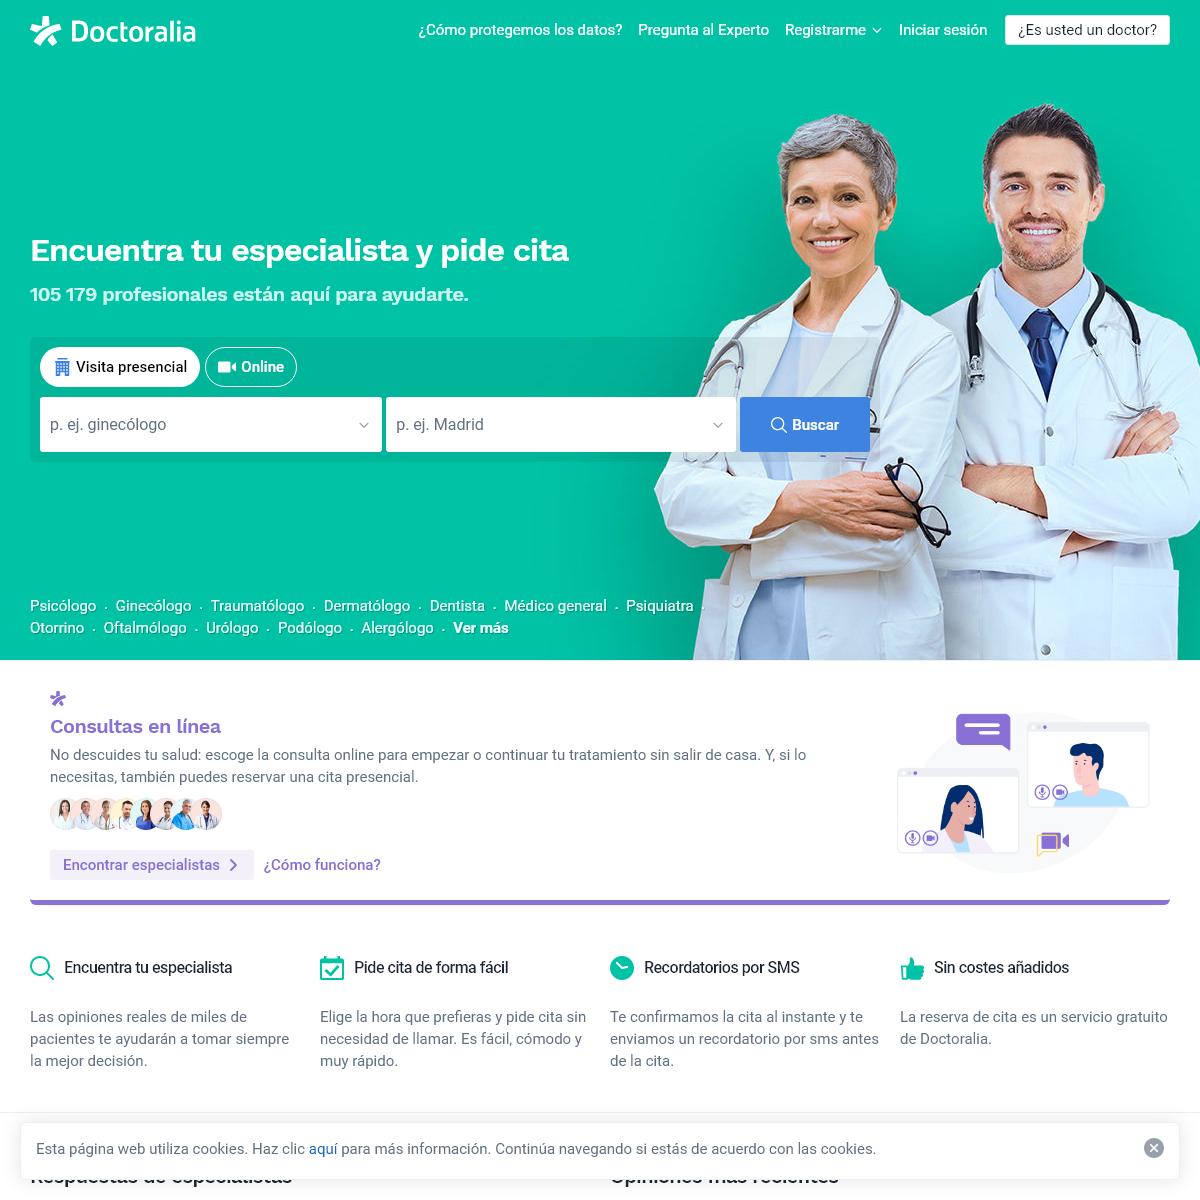 Doctoralia - Encuentra especialista - Pide cita médica